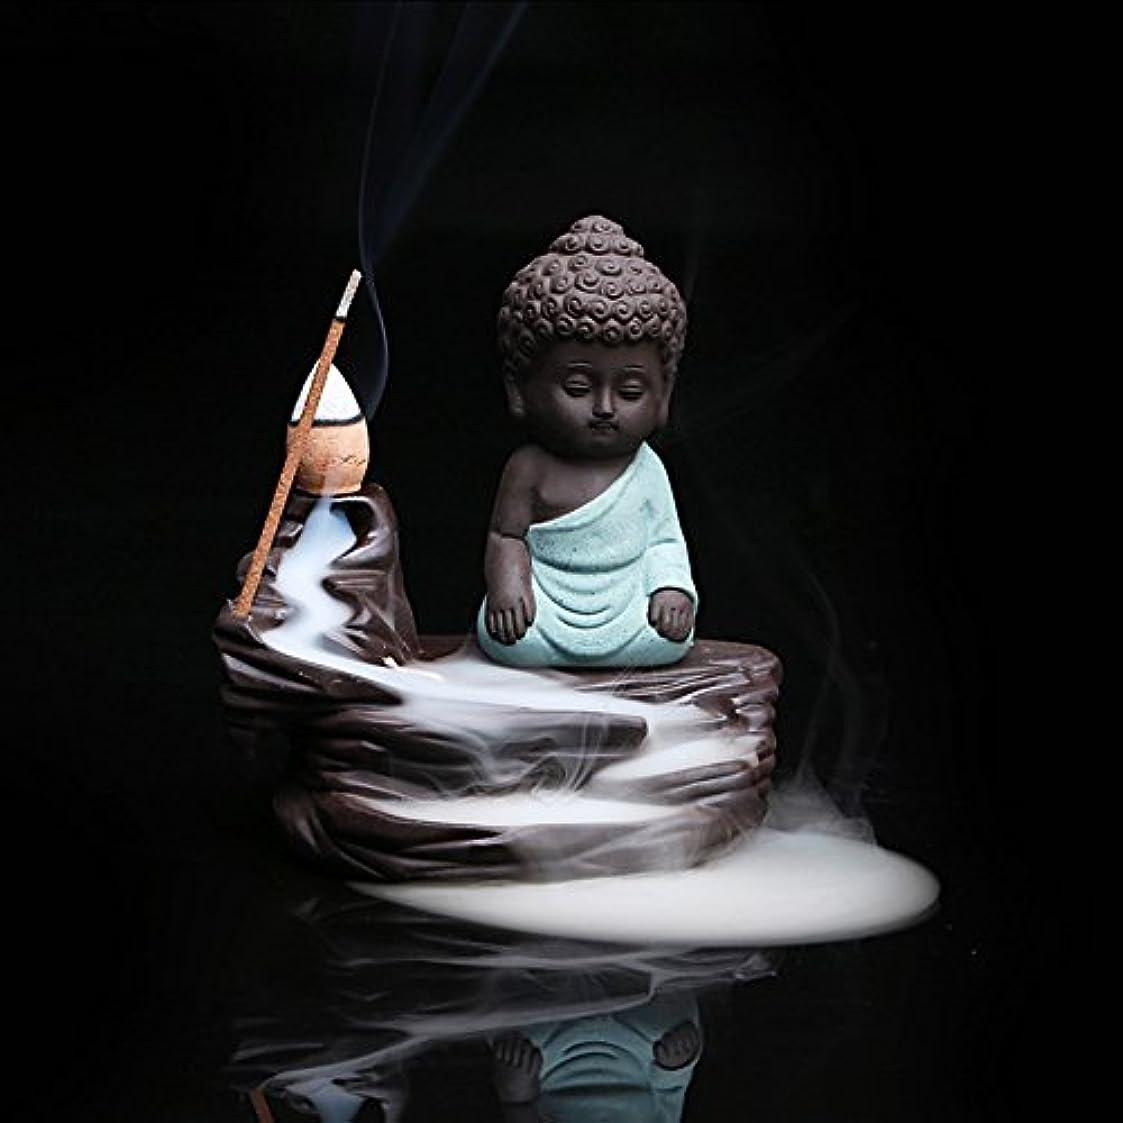 規則性保有者アクセントOcamo クリエイティブセラミック香炉 逆流香炉 コーンスティックホルダー 小さな仏陀 ホームデコレーション用